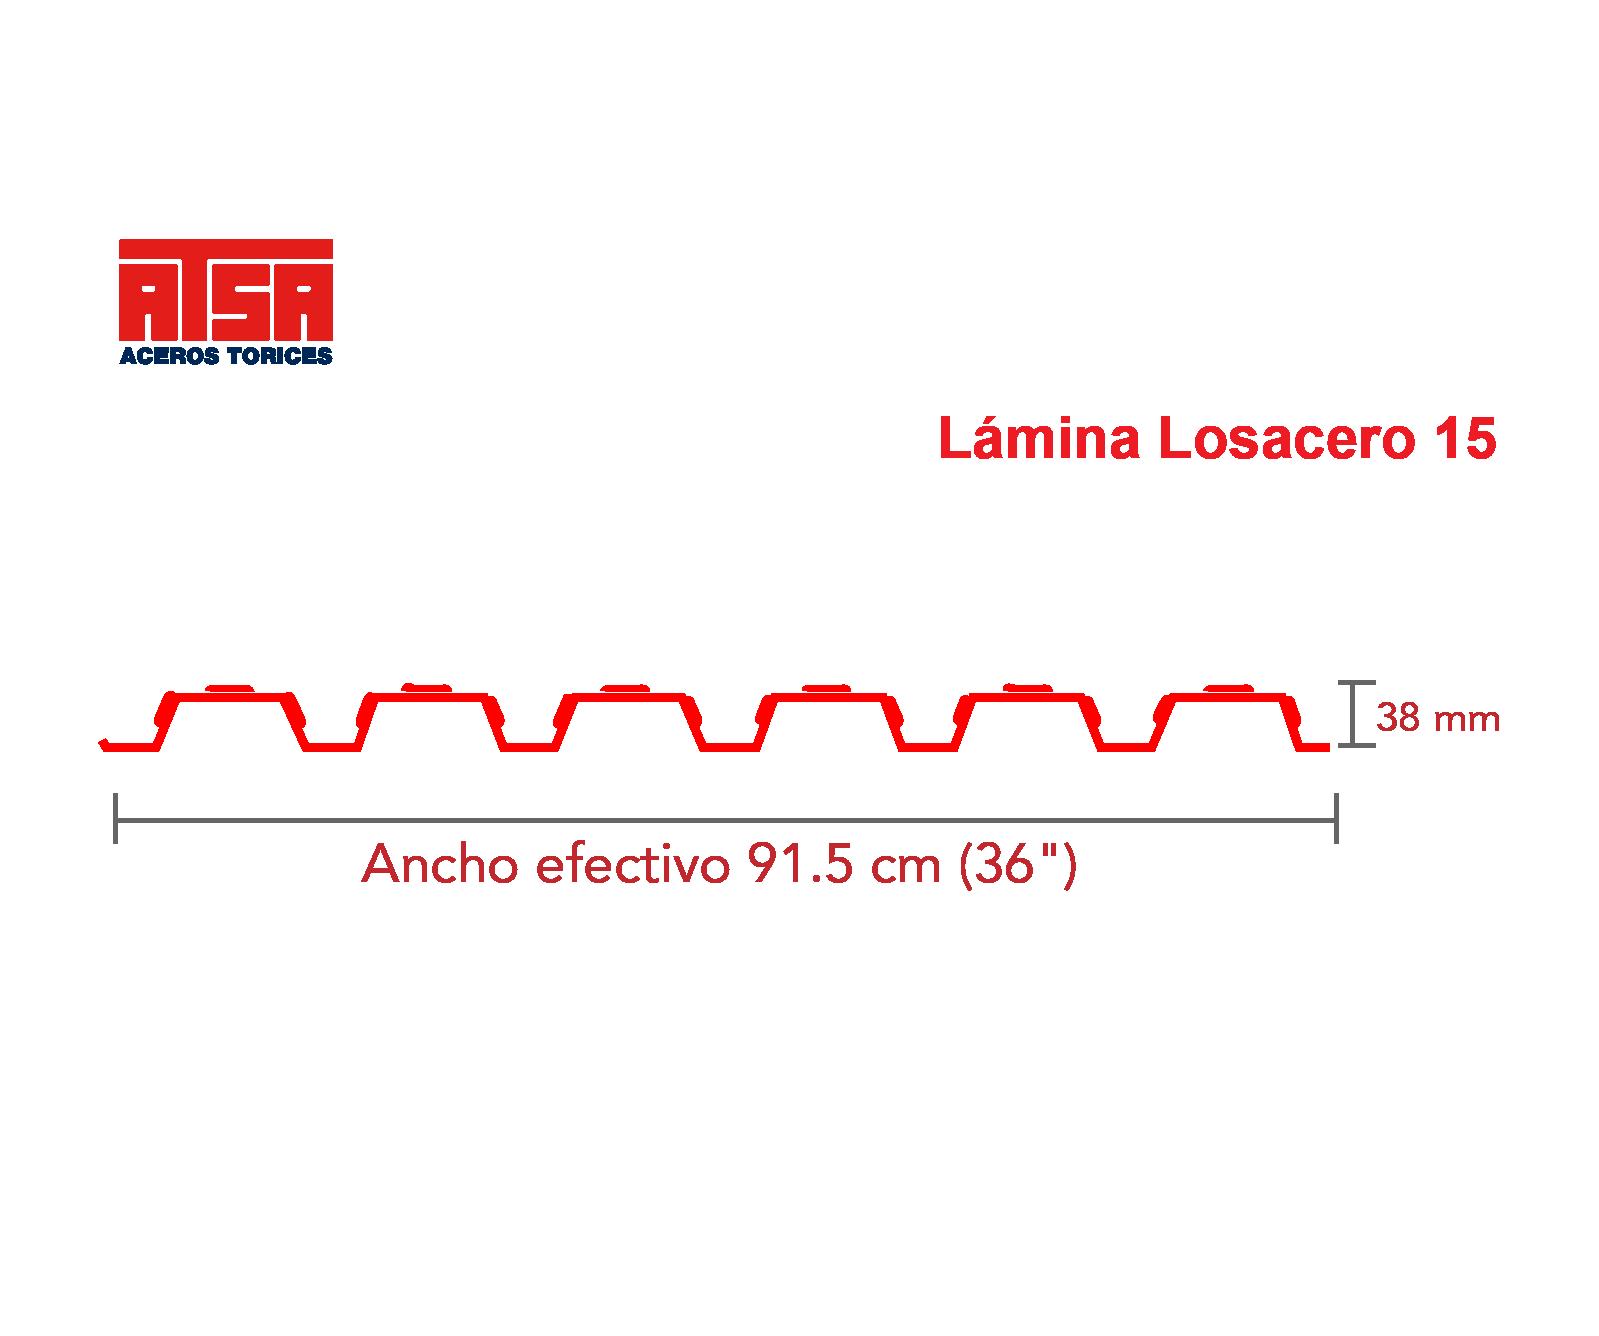 medidas-losacero-15-lamina-de-aceros-atsa